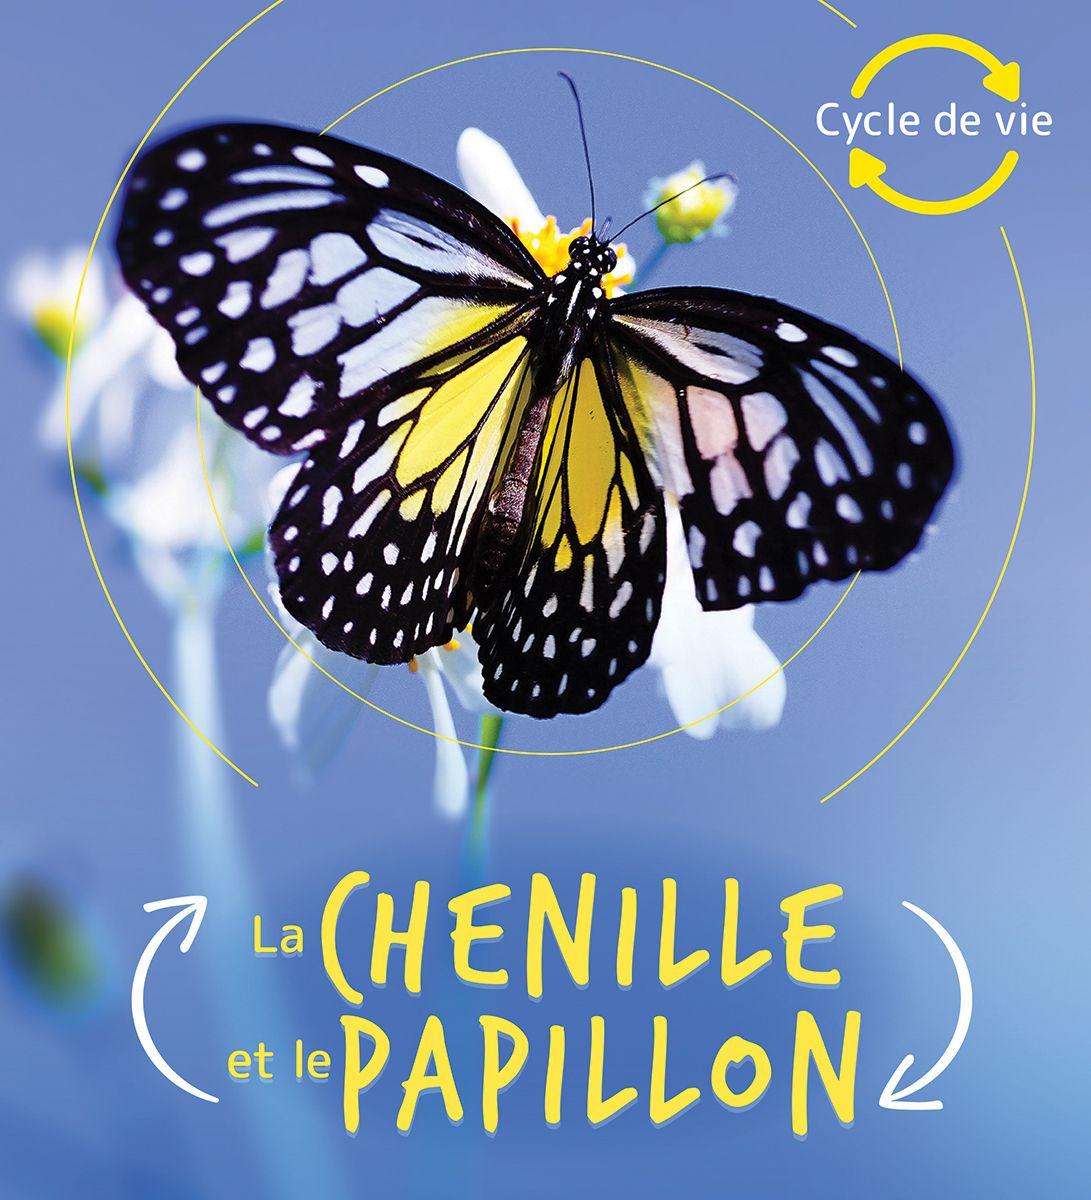 Cycle de vie La chenille et le papillon in 2020